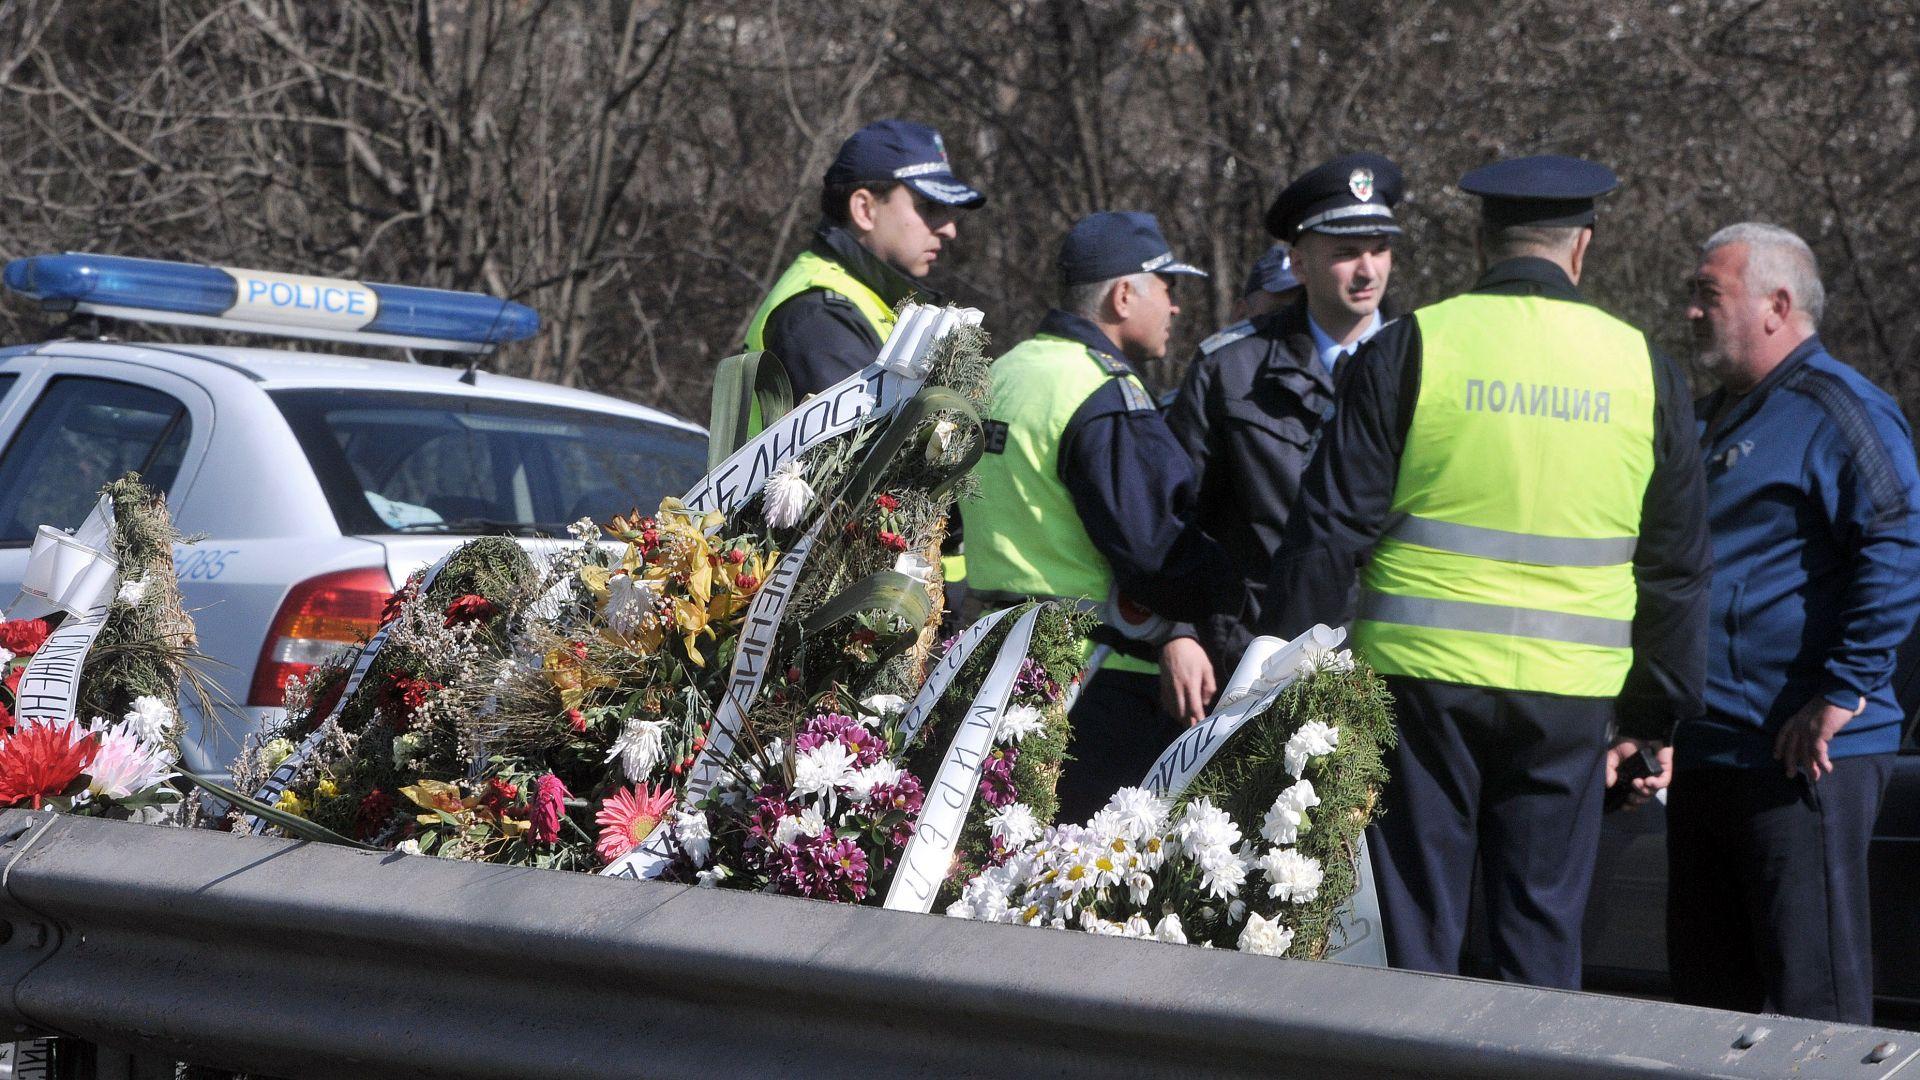 Протестиращи блокираха пътя Бургас-Созопол заради катастрофа с две жертви (снимки)